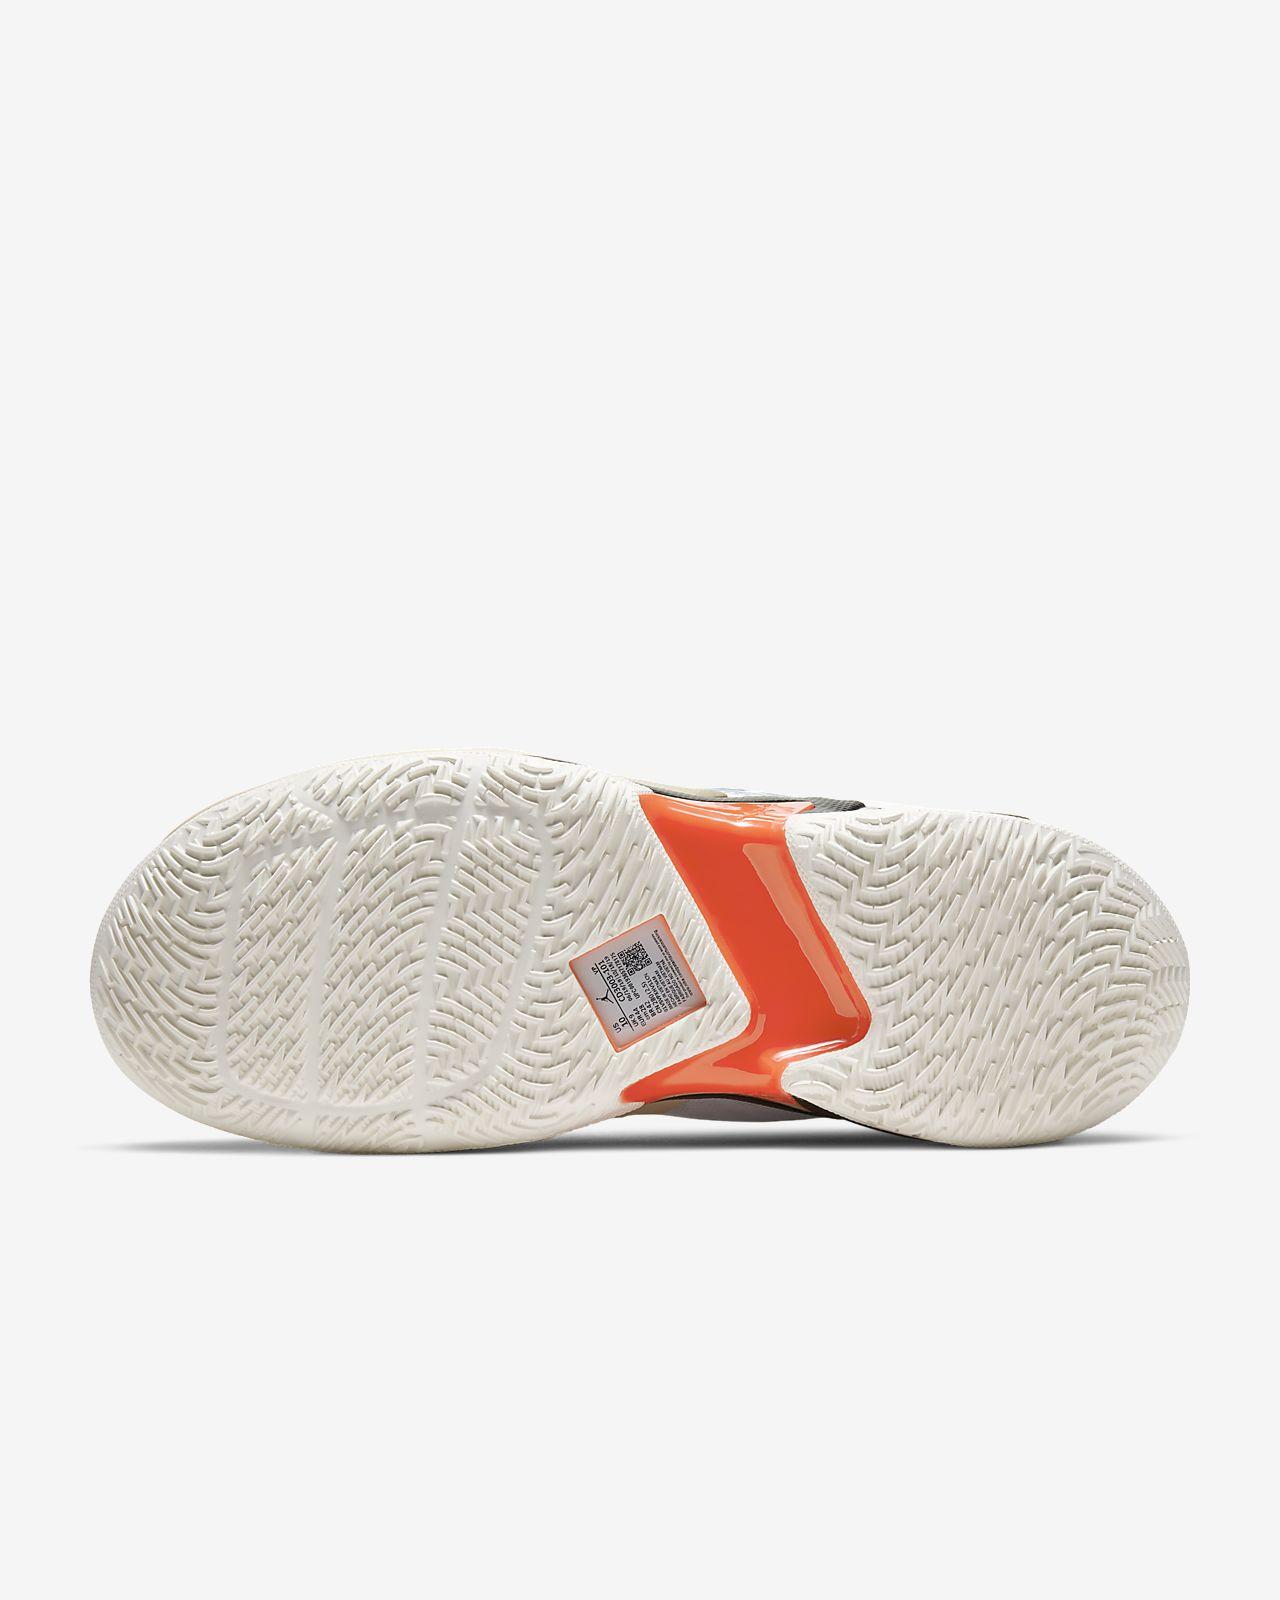 Nike Fiu Jordan Cipő Olcsón Olcsó Nike Jordan Fly Lockdown